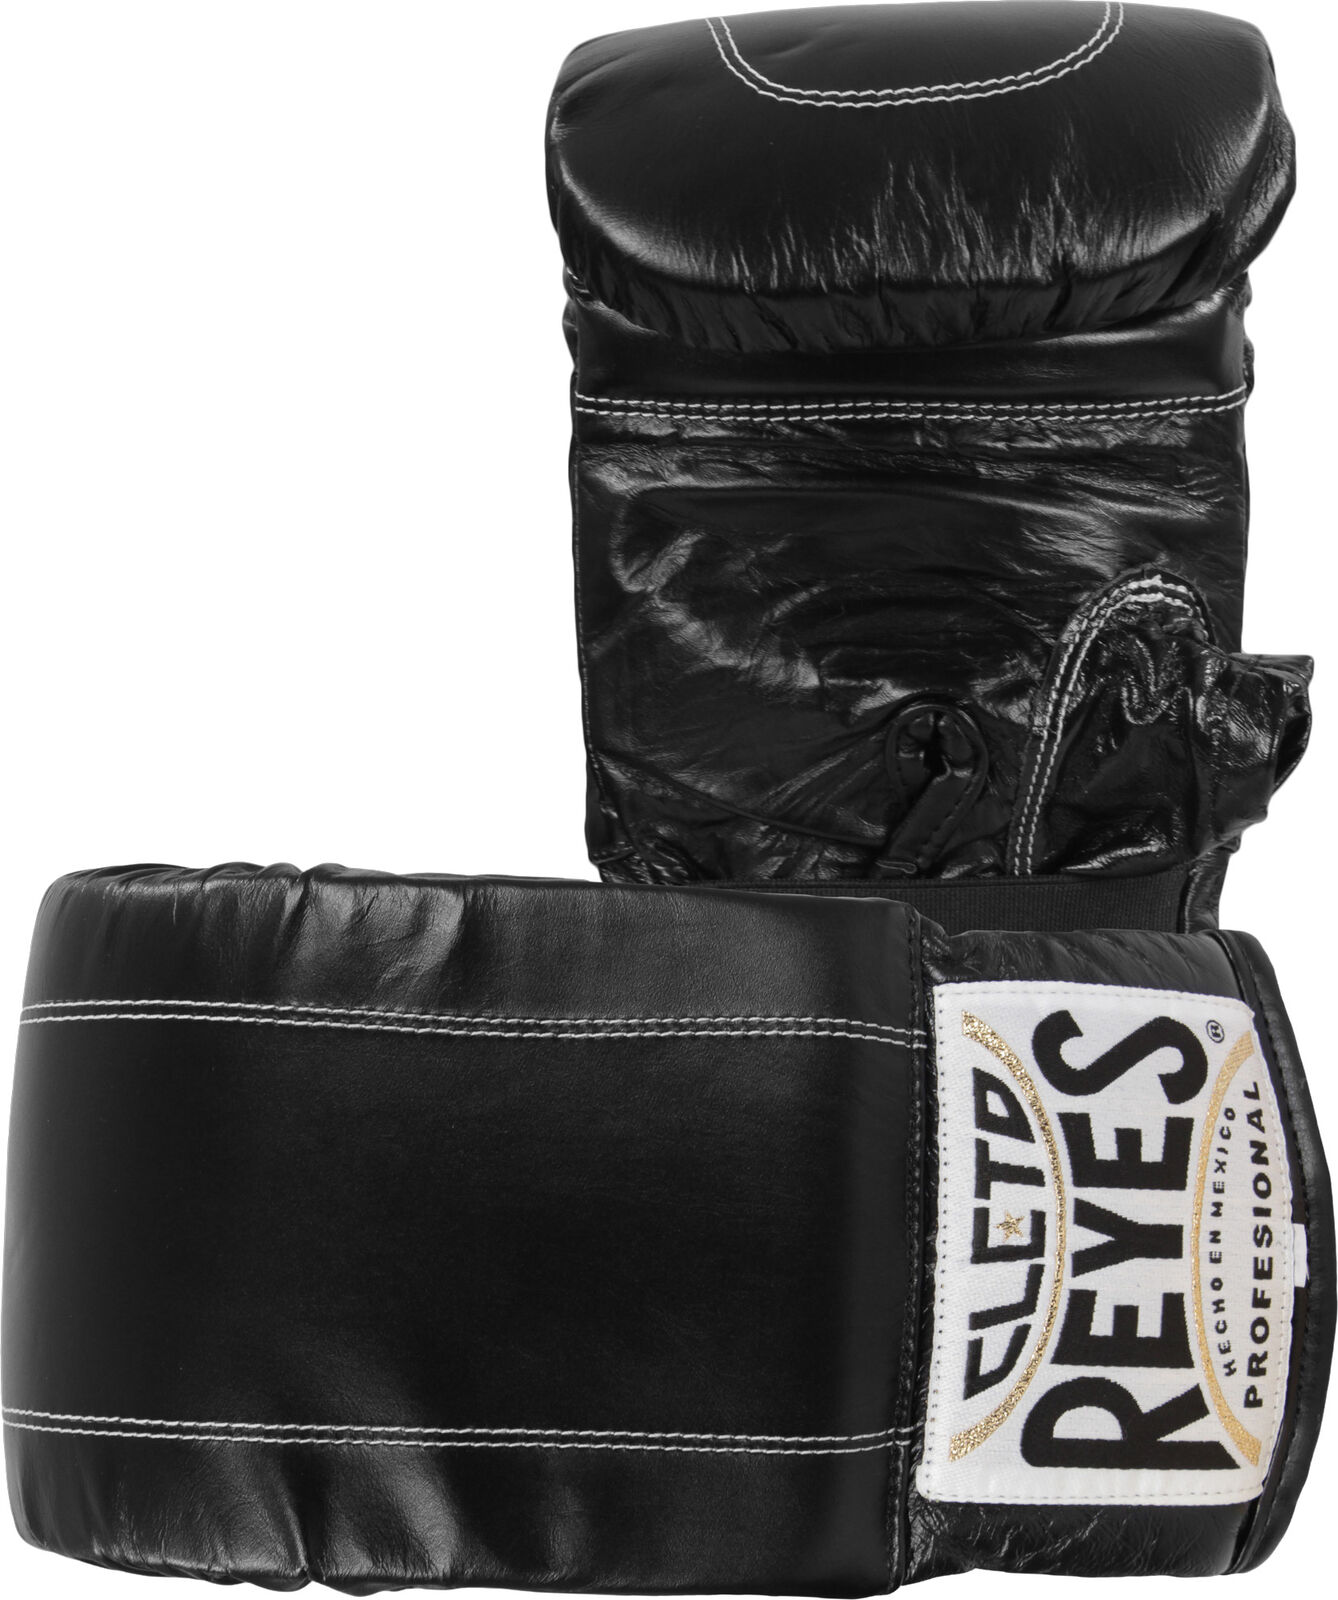 Cleto Reyes Leder Boxen Boxen Boxen Tasche Handschuhe mit Elastischer Manschette - Schwarz - eec01e